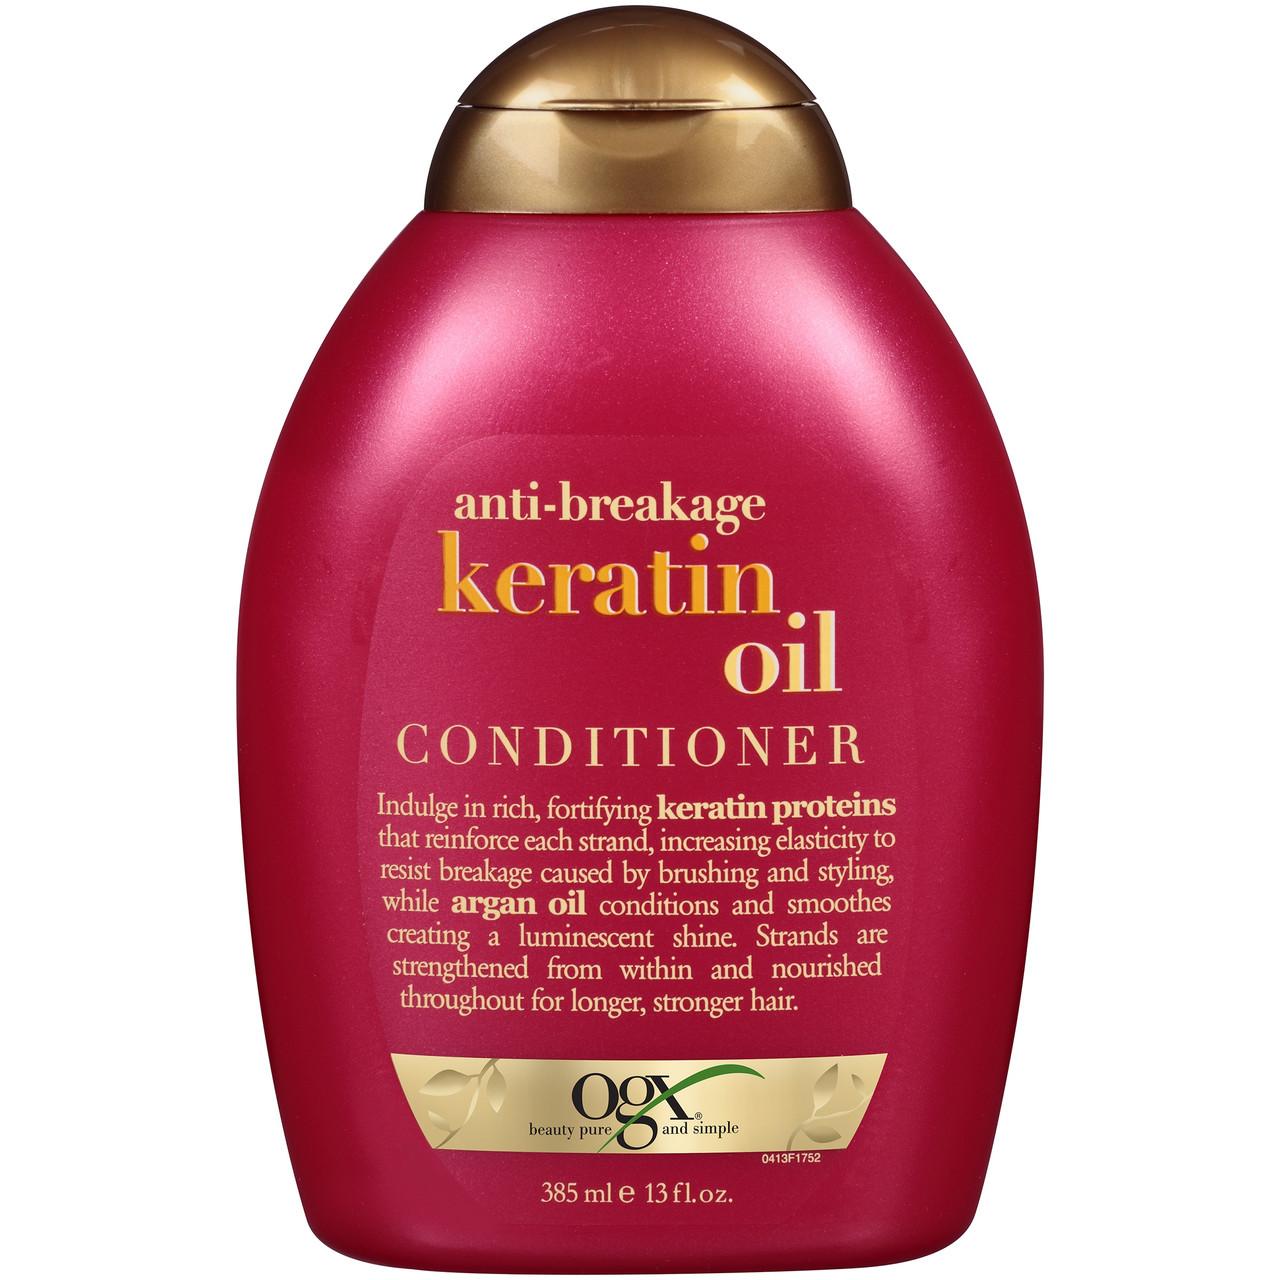 Кондиционер OGX® против ломкости волосс кератиновым маслом, 385 мл. Сделано в США.